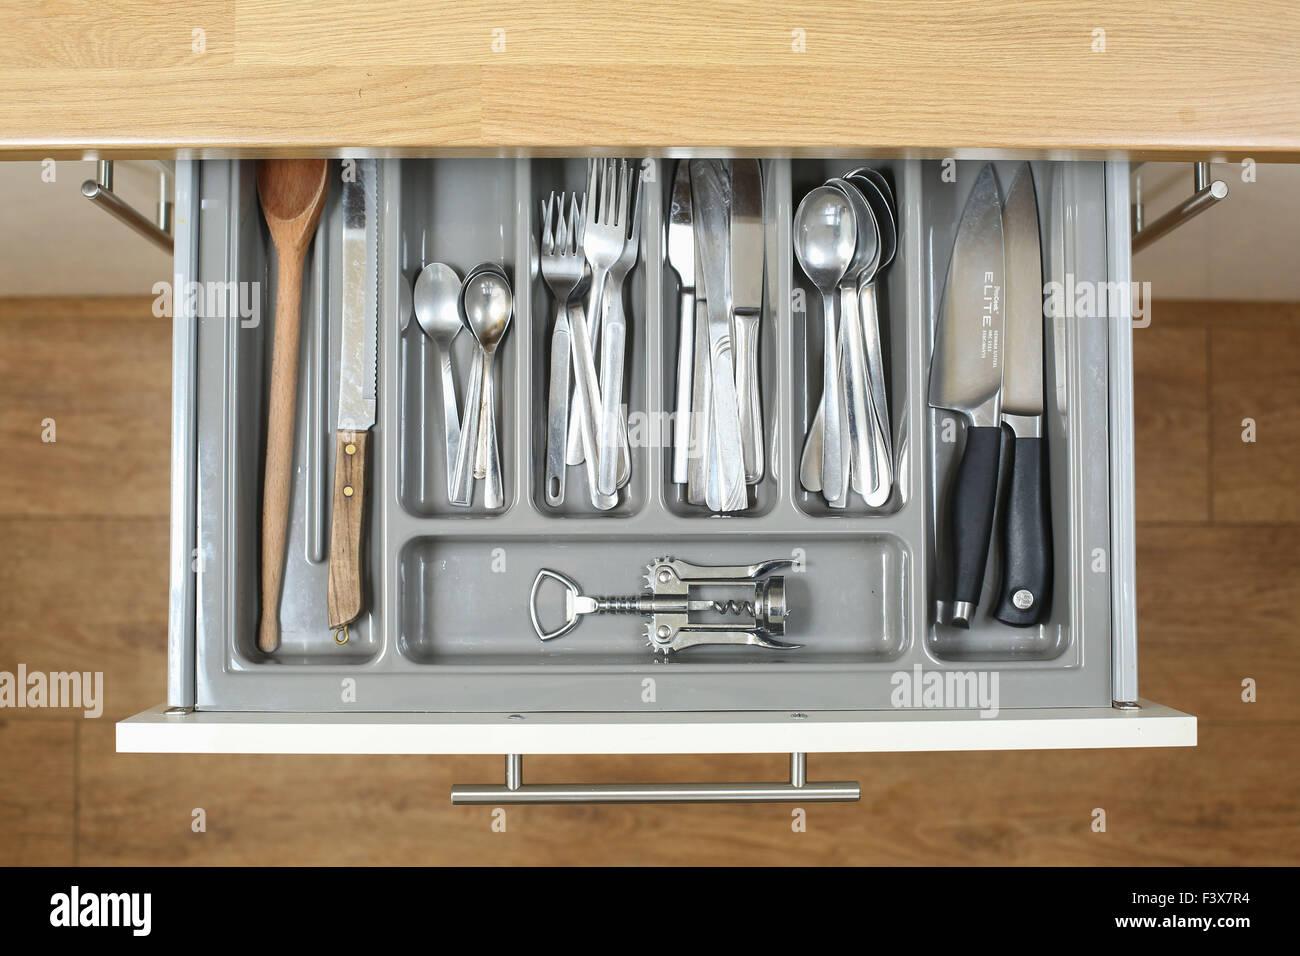 Un tiroir de la cuisine pleine de tous les couverts, couteaux et ustensiles nécessaires pour faire cuire une Photo Stock